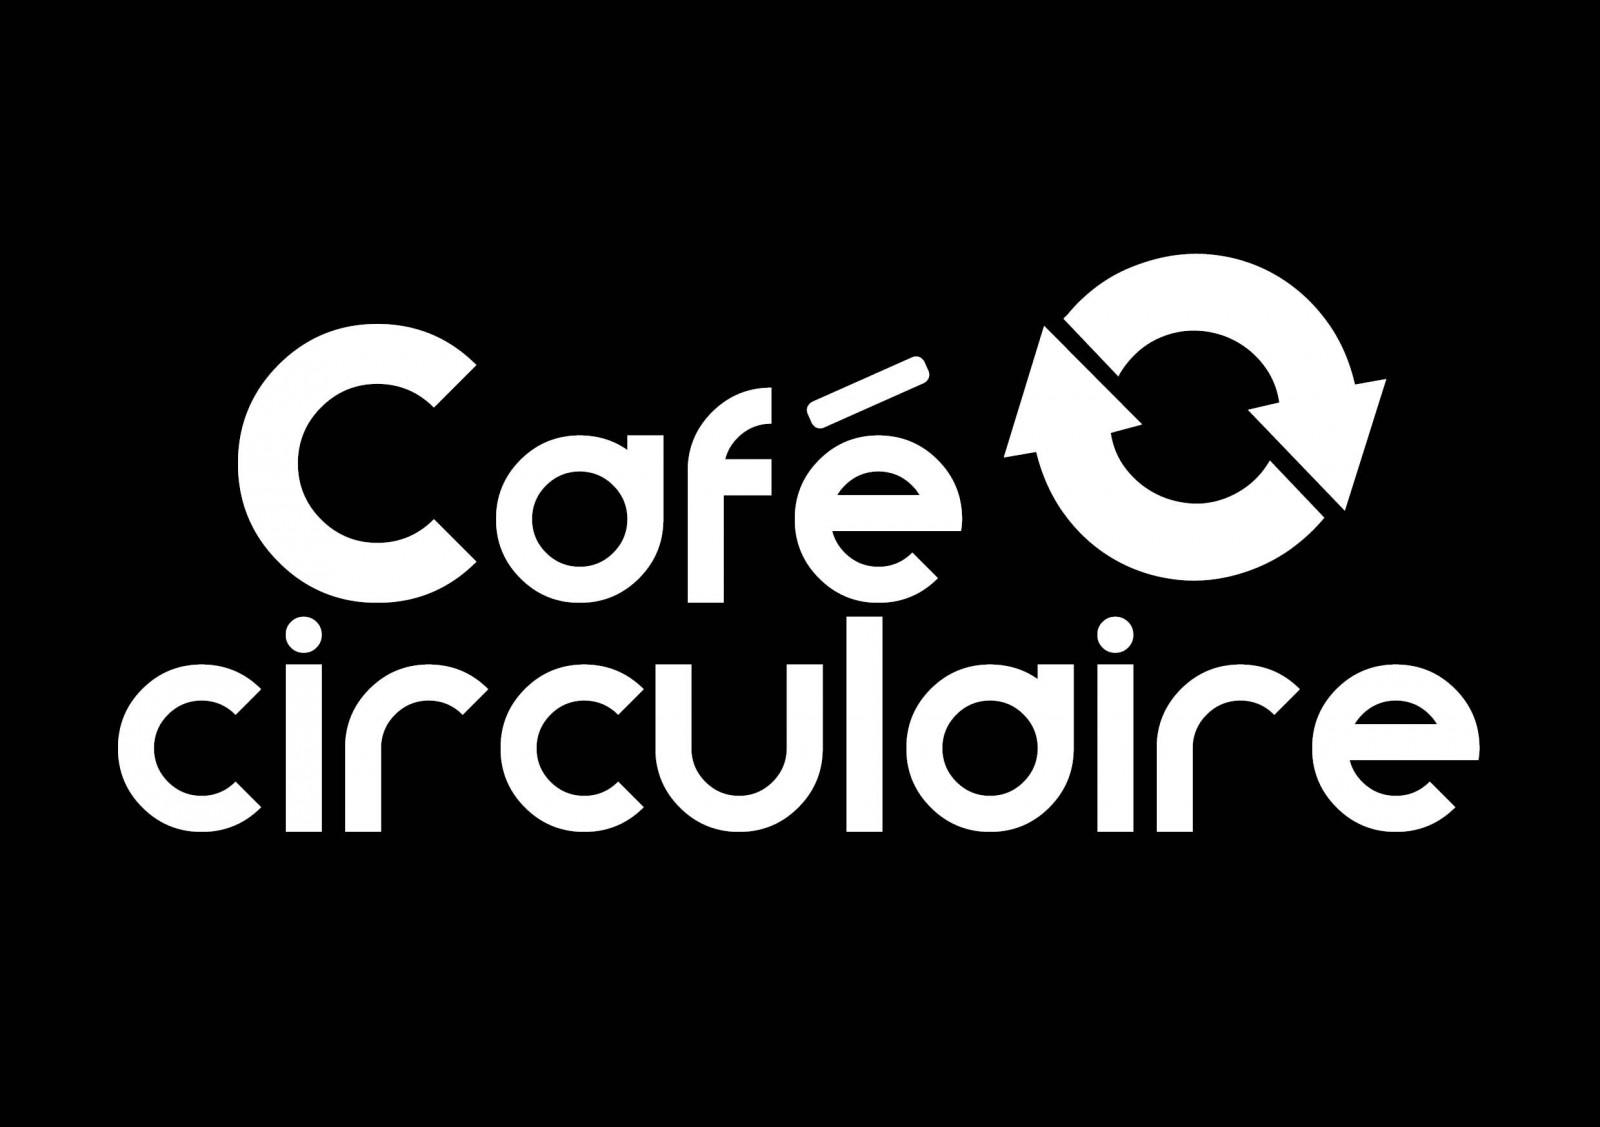 Café Circulaire